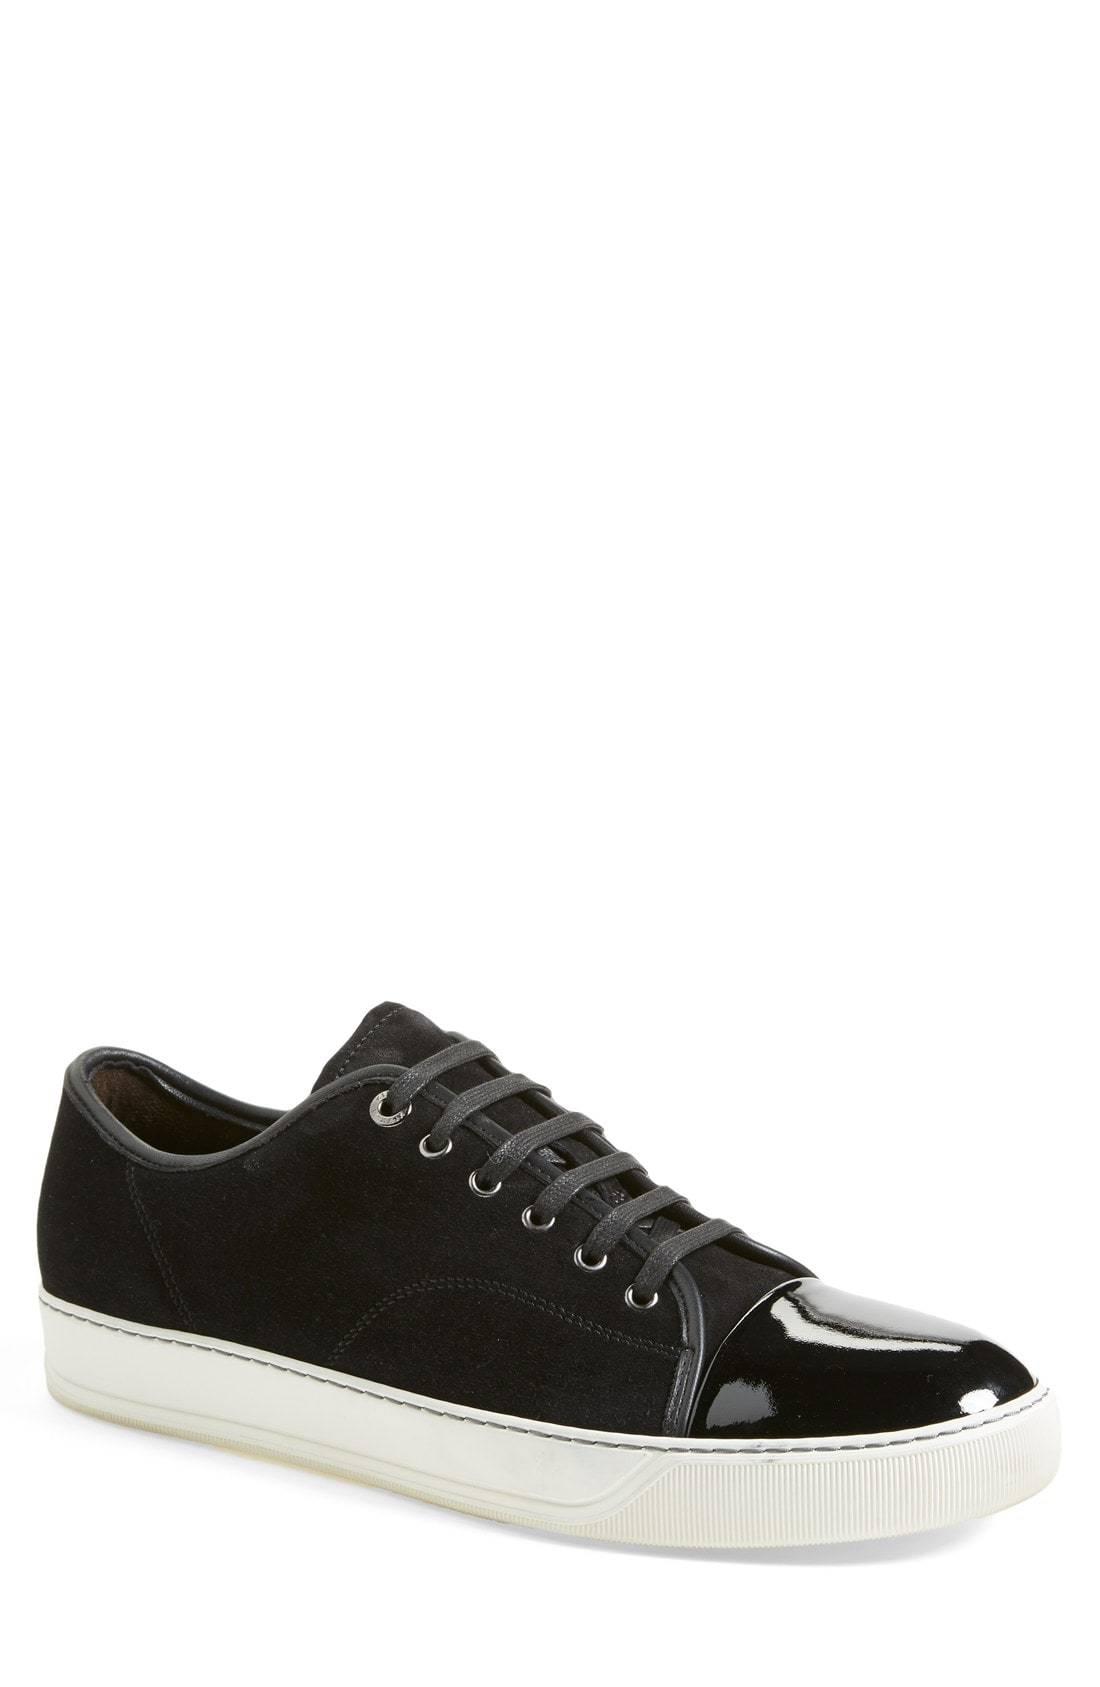 Lanvin Low Top Suede Sneaker, $490